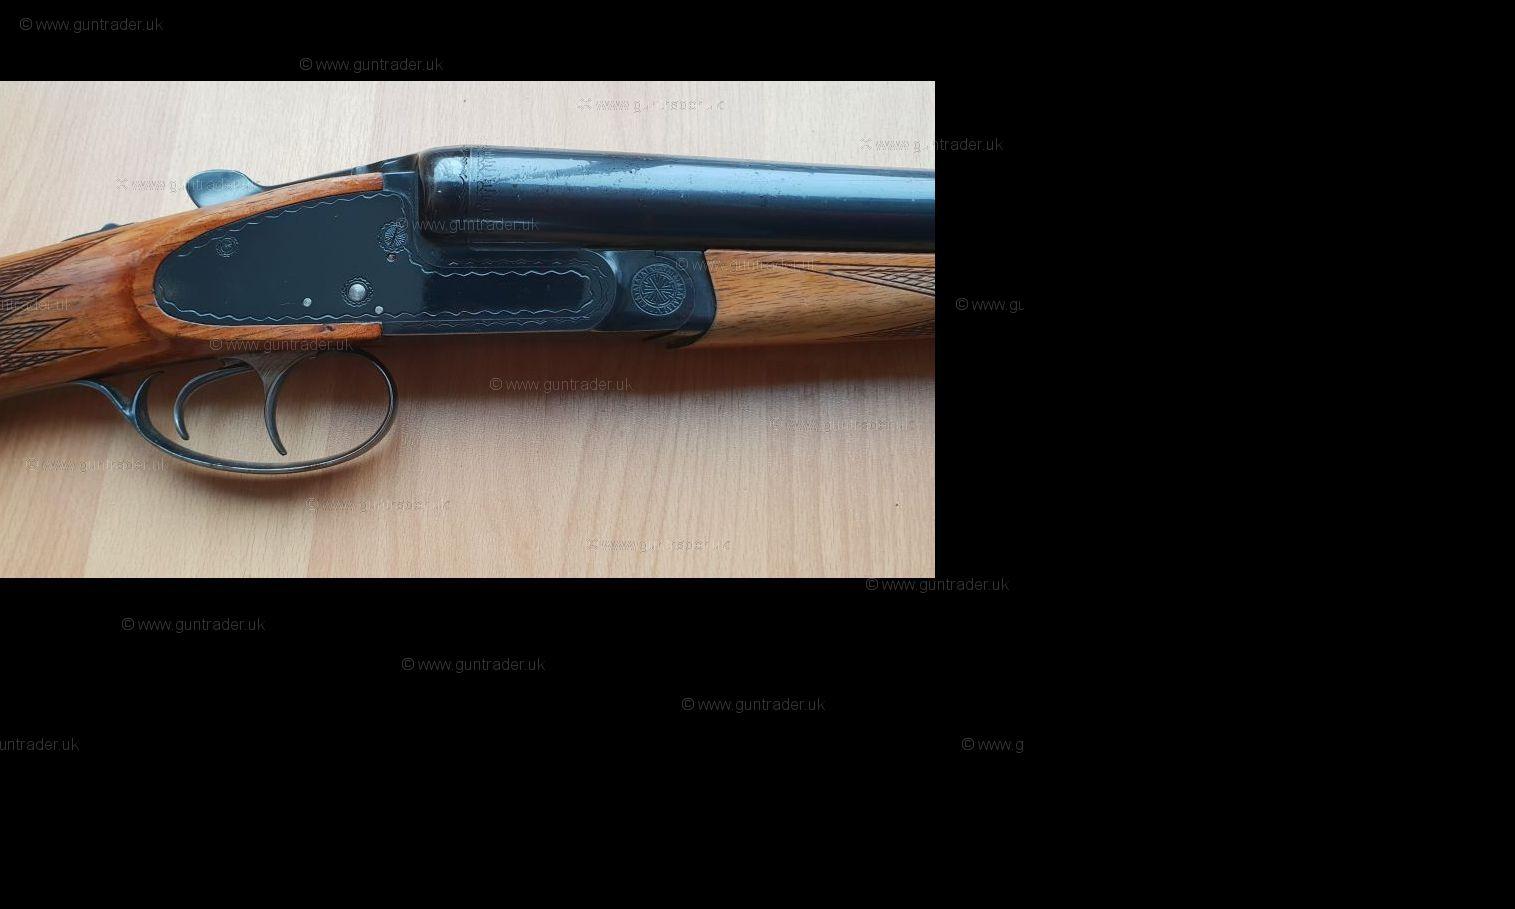 brno 12 gauge special poldi elektro side by side second hand shotgun for sale buy for 145. Black Bedroom Furniture Sets. Home Design Ideas